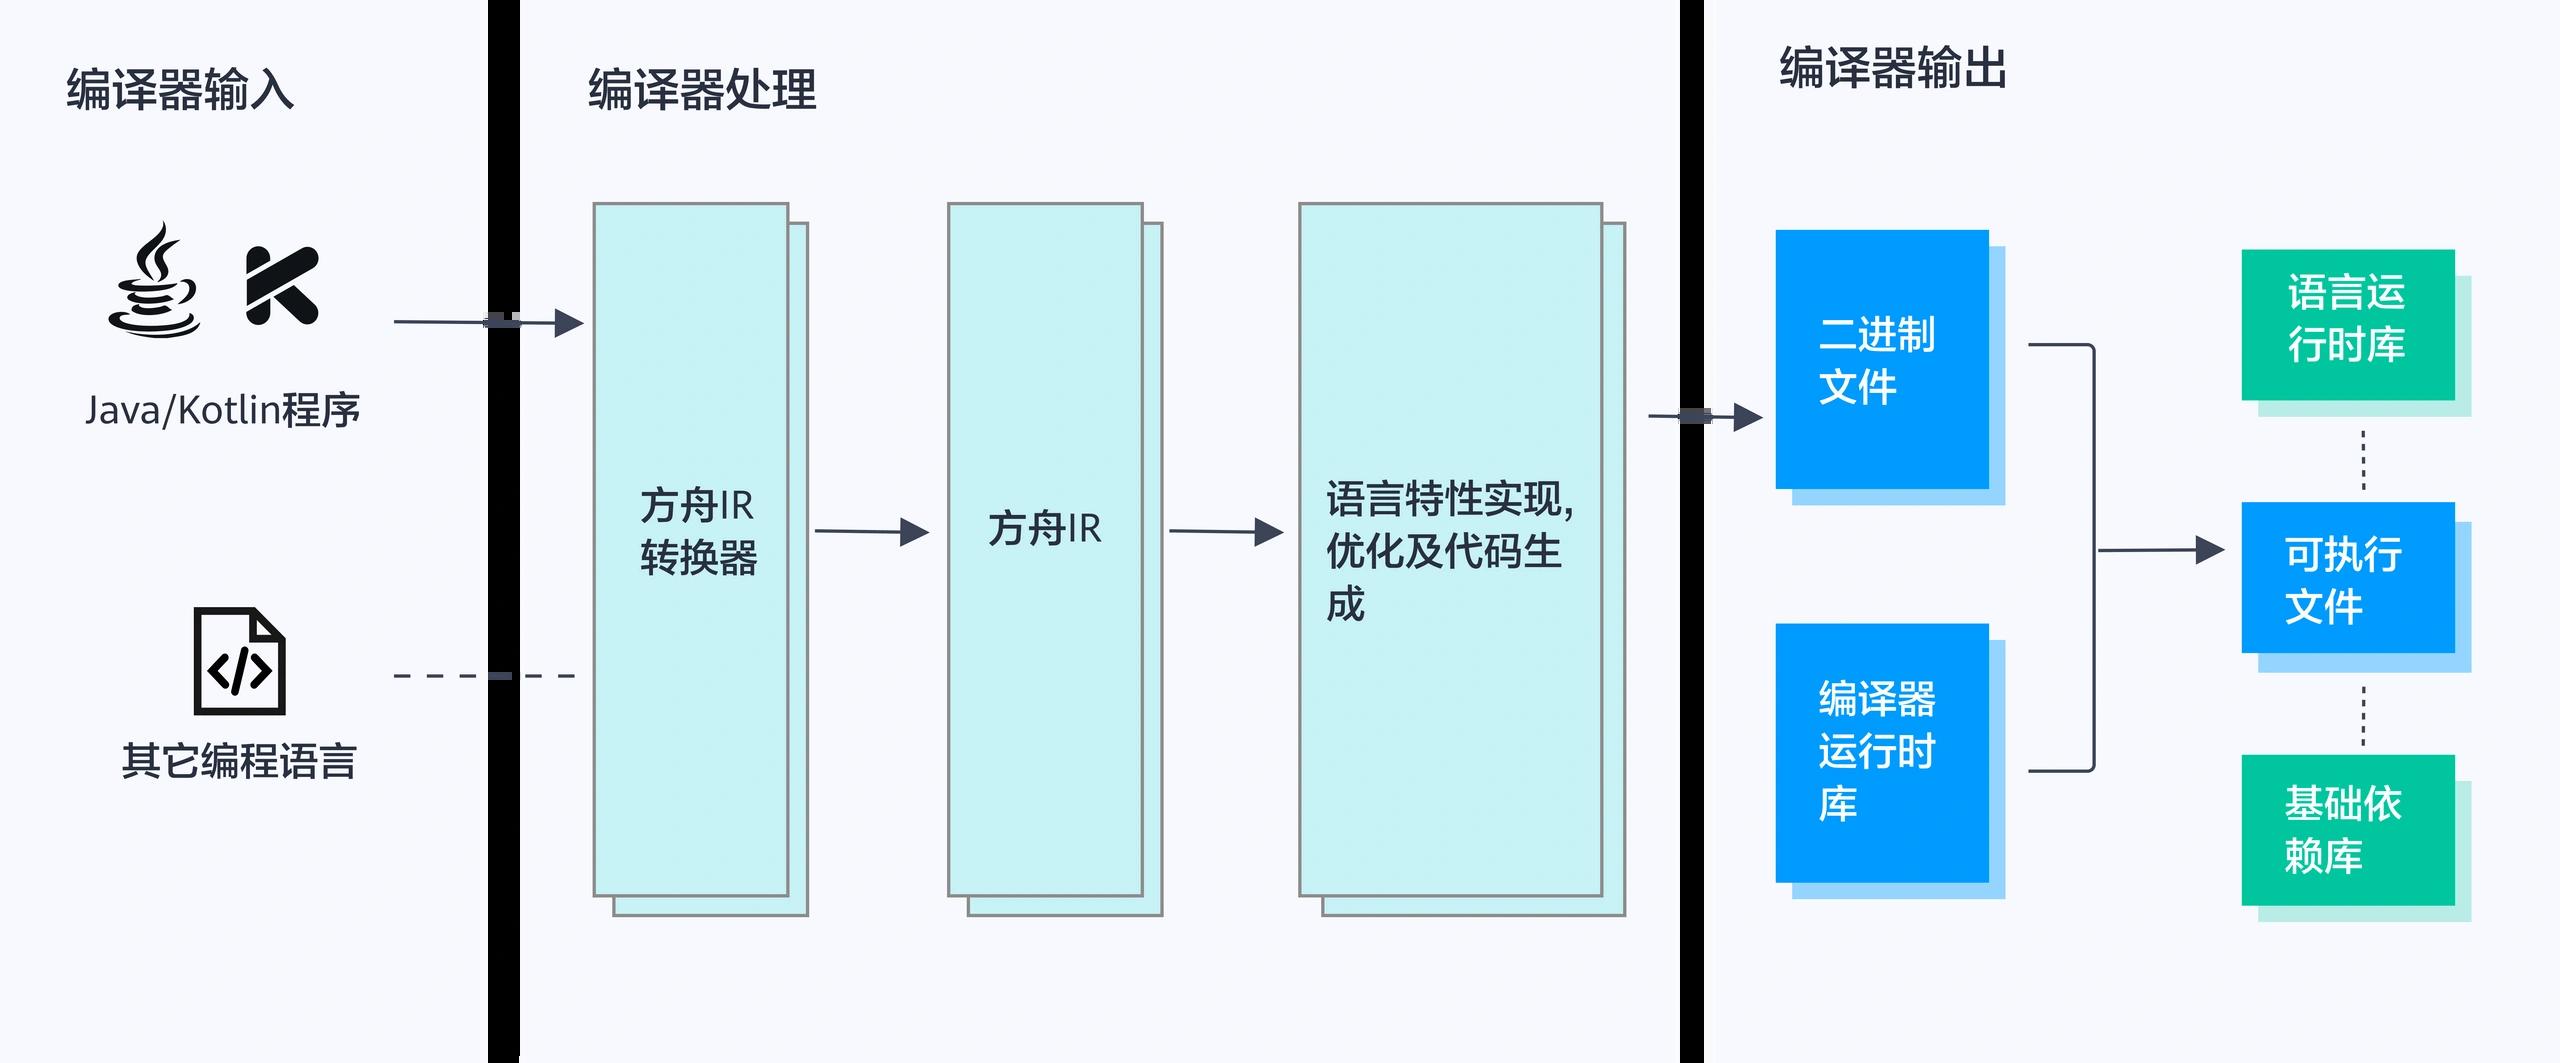 方舟编译器架构示意图.png